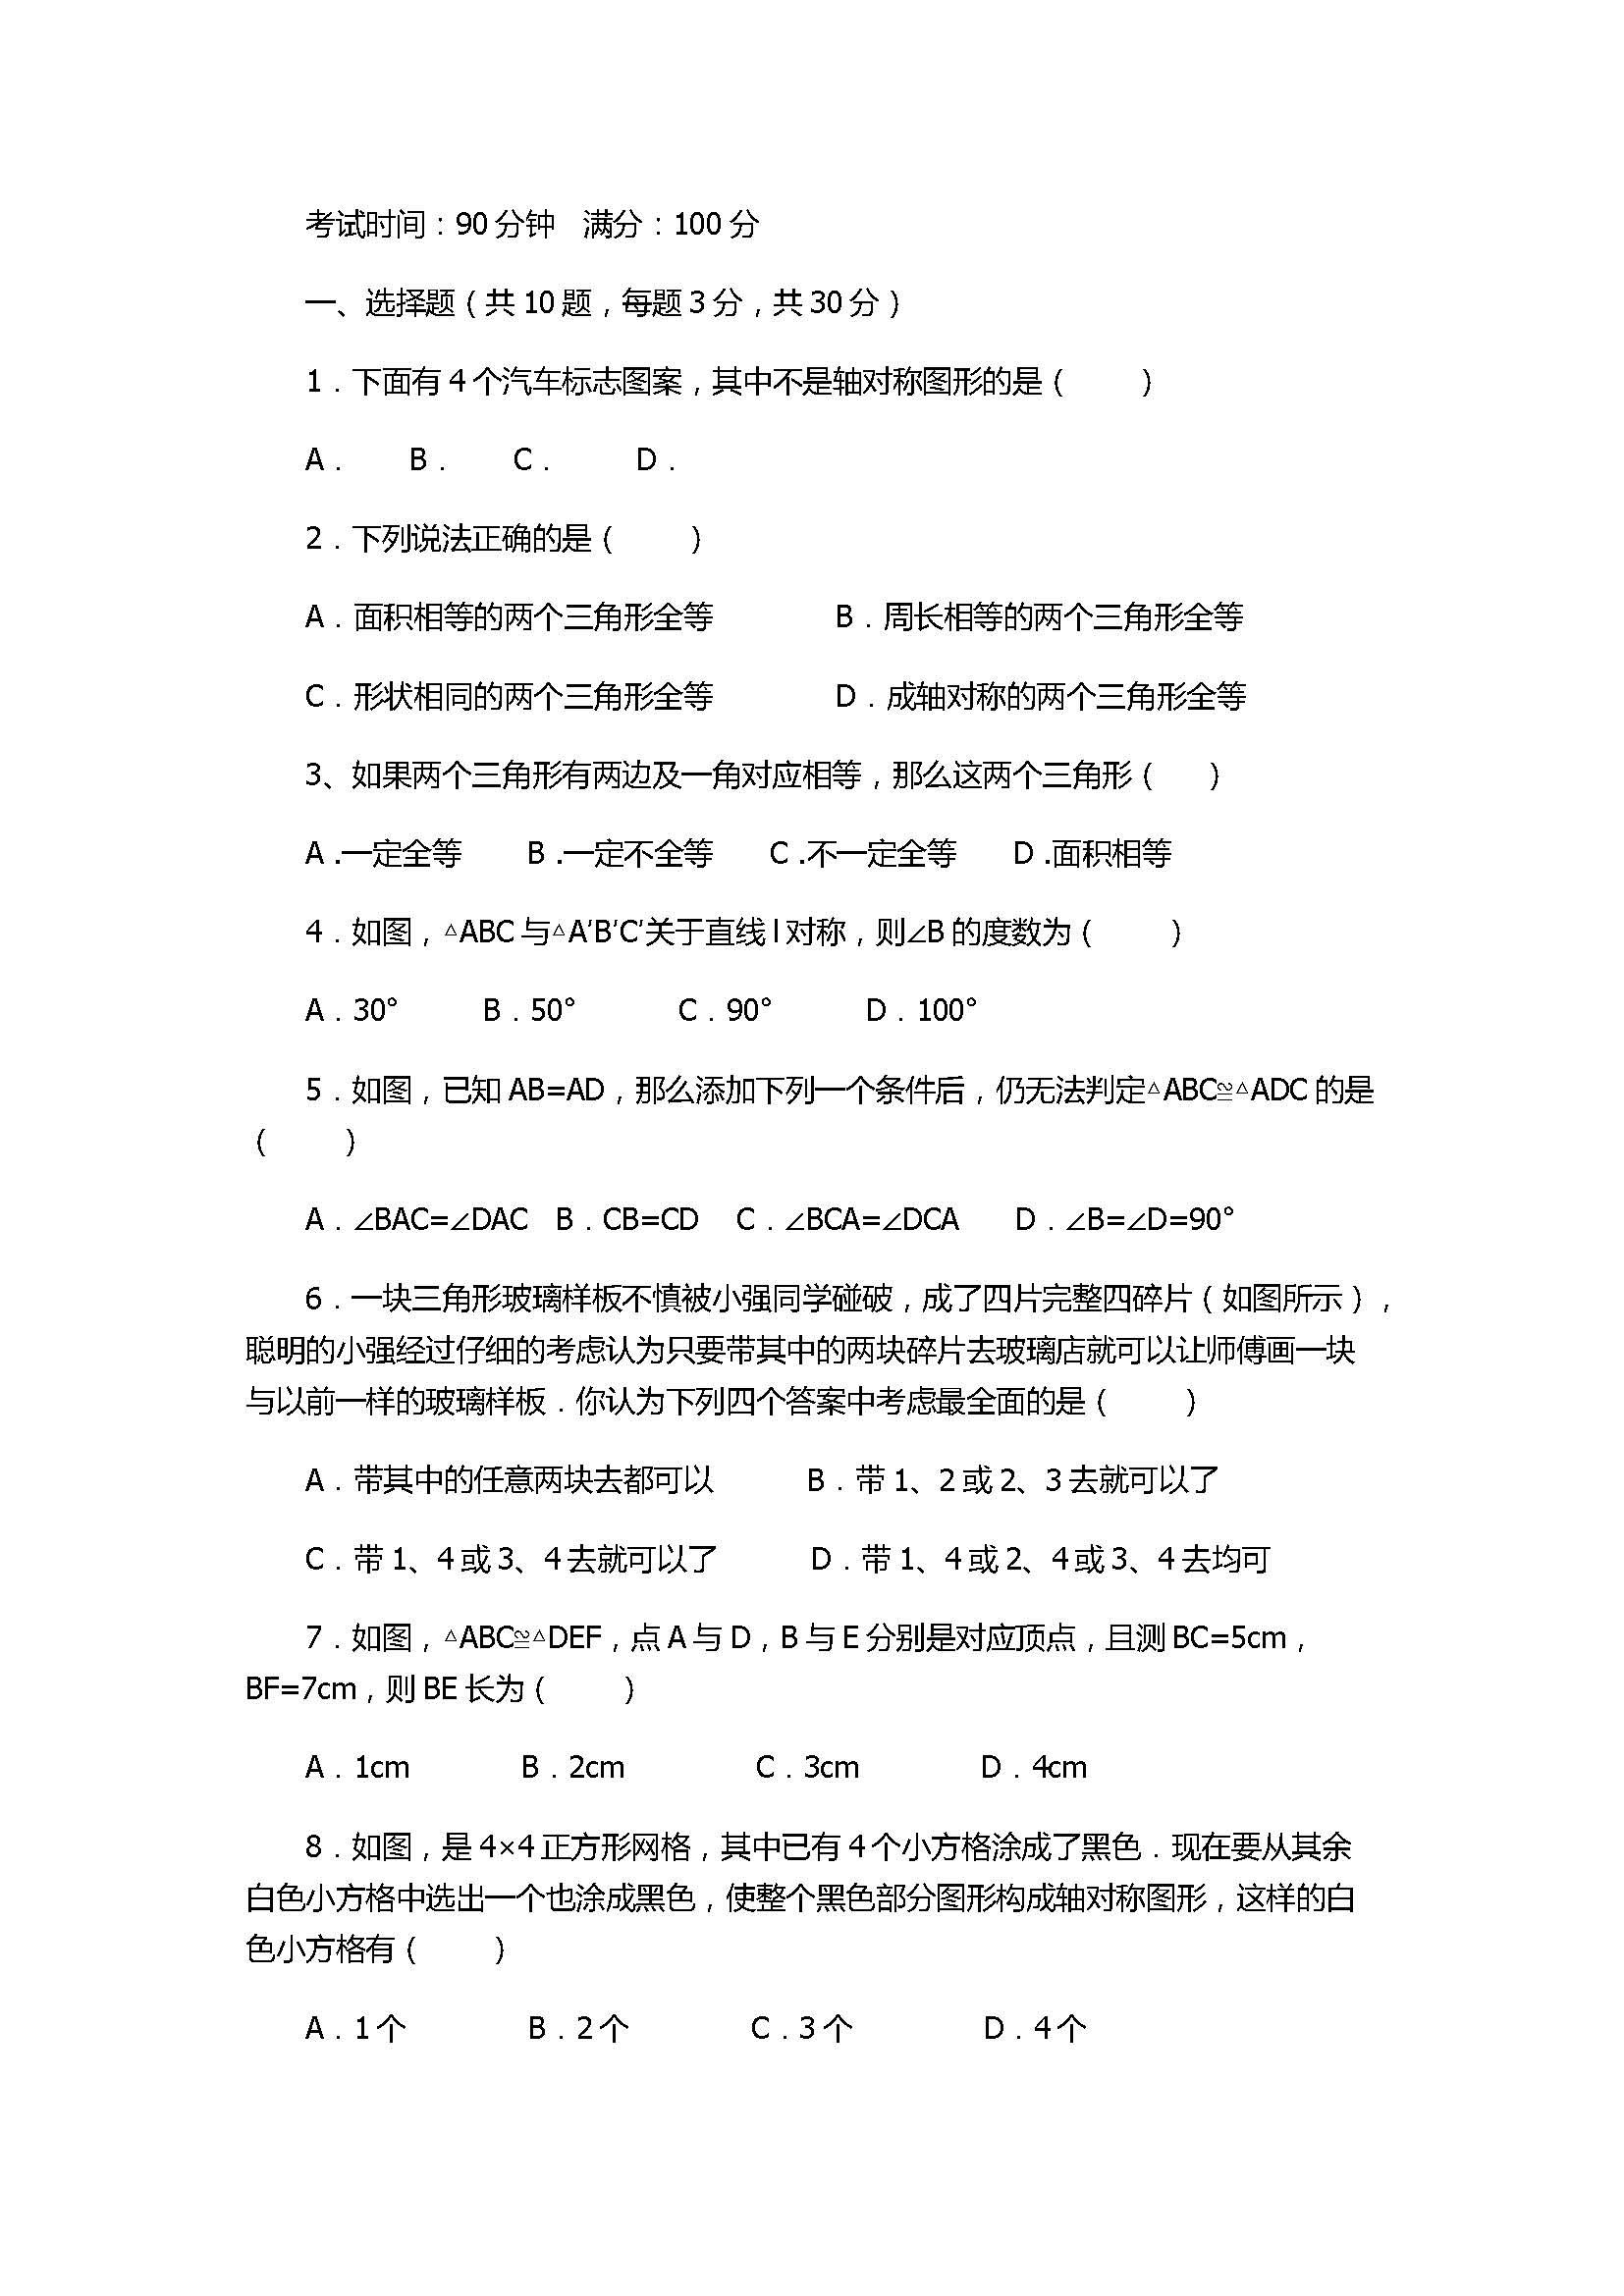 2017八年级数学上册第1次月考测试卷附参考答案(江苏省无锡市)